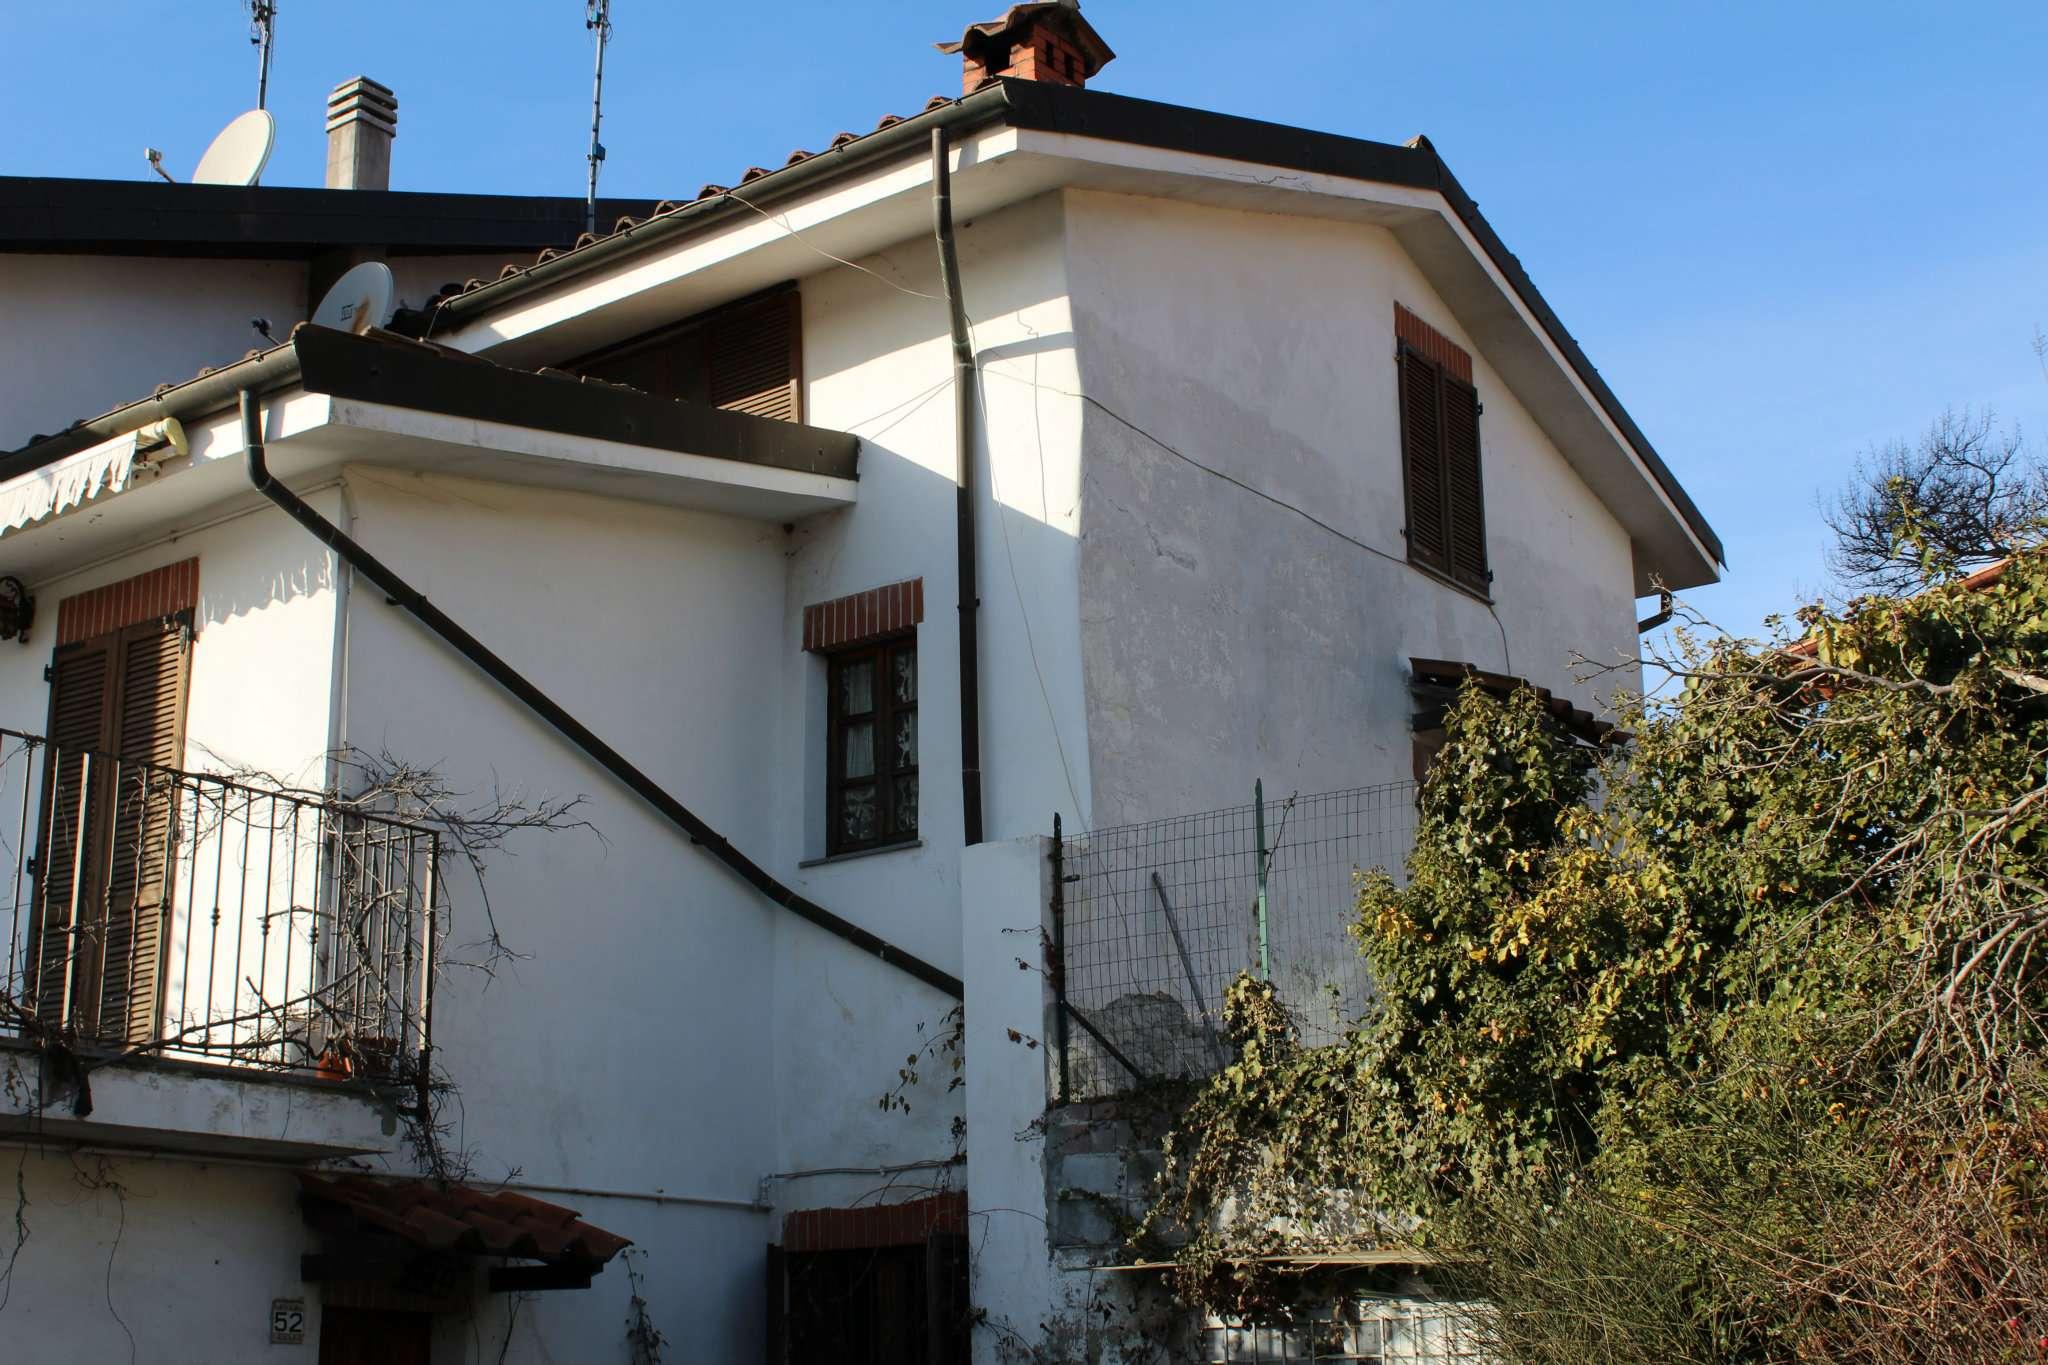 Immagine immobiliare Castagneto Po casa libera su tre lati Castagneto Po, in posizione panoramica con ottima esposizione al sole,pressi centro sportivo